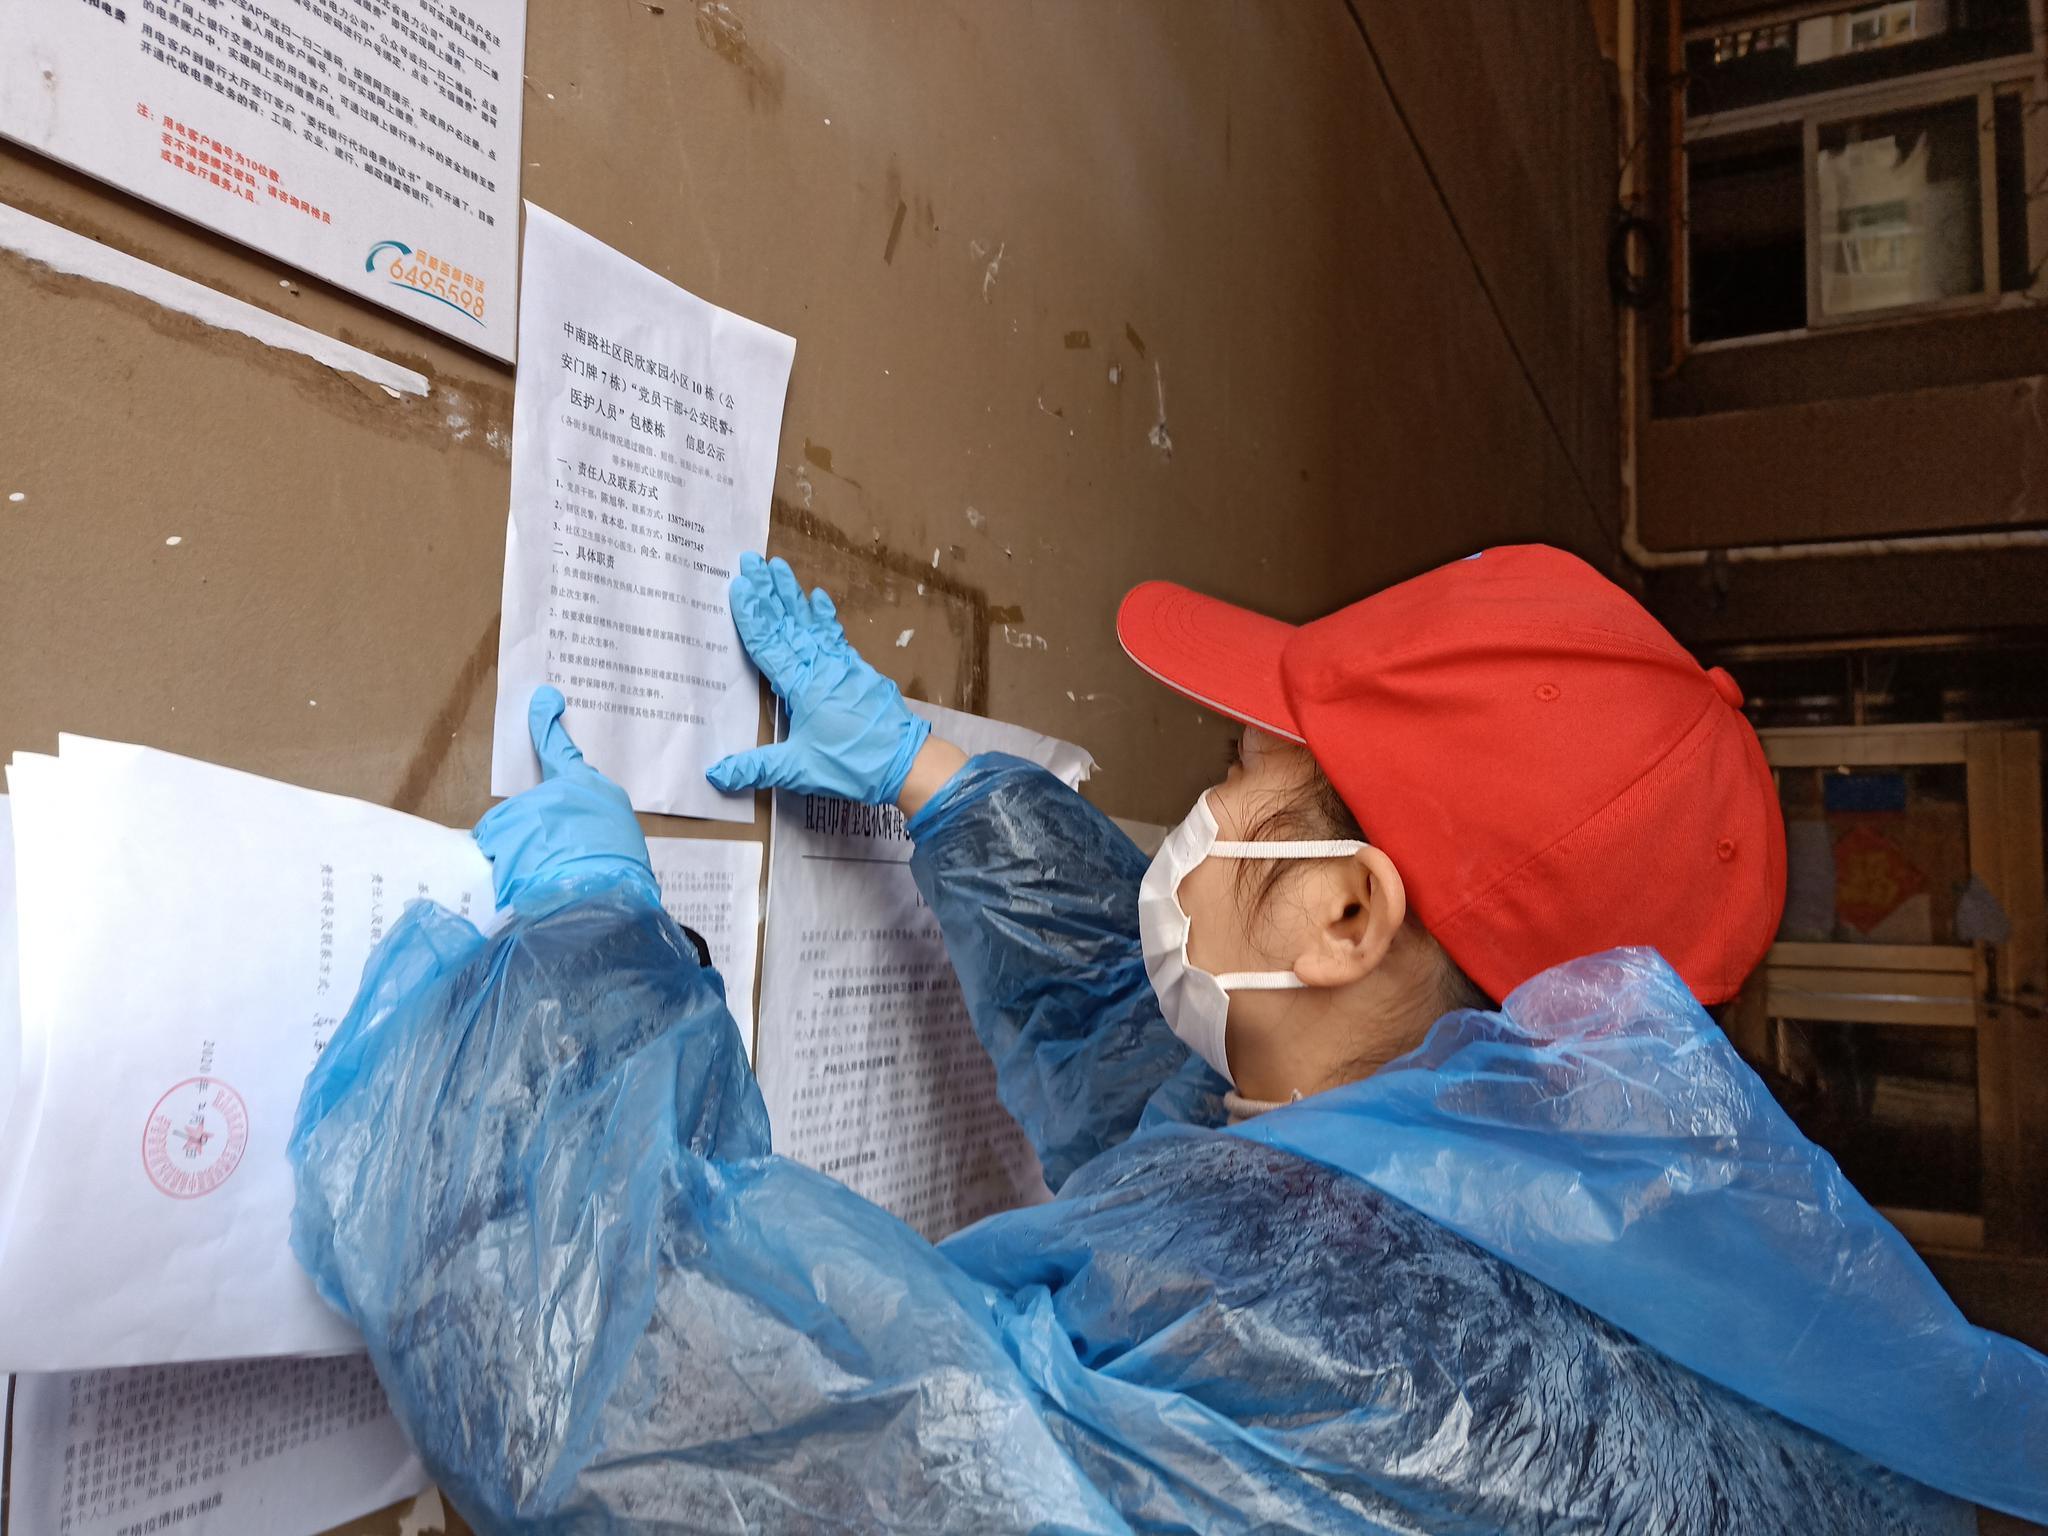 帮两栋楼居民采购生活物资的宜昌网格员:有人送口罩给我图片